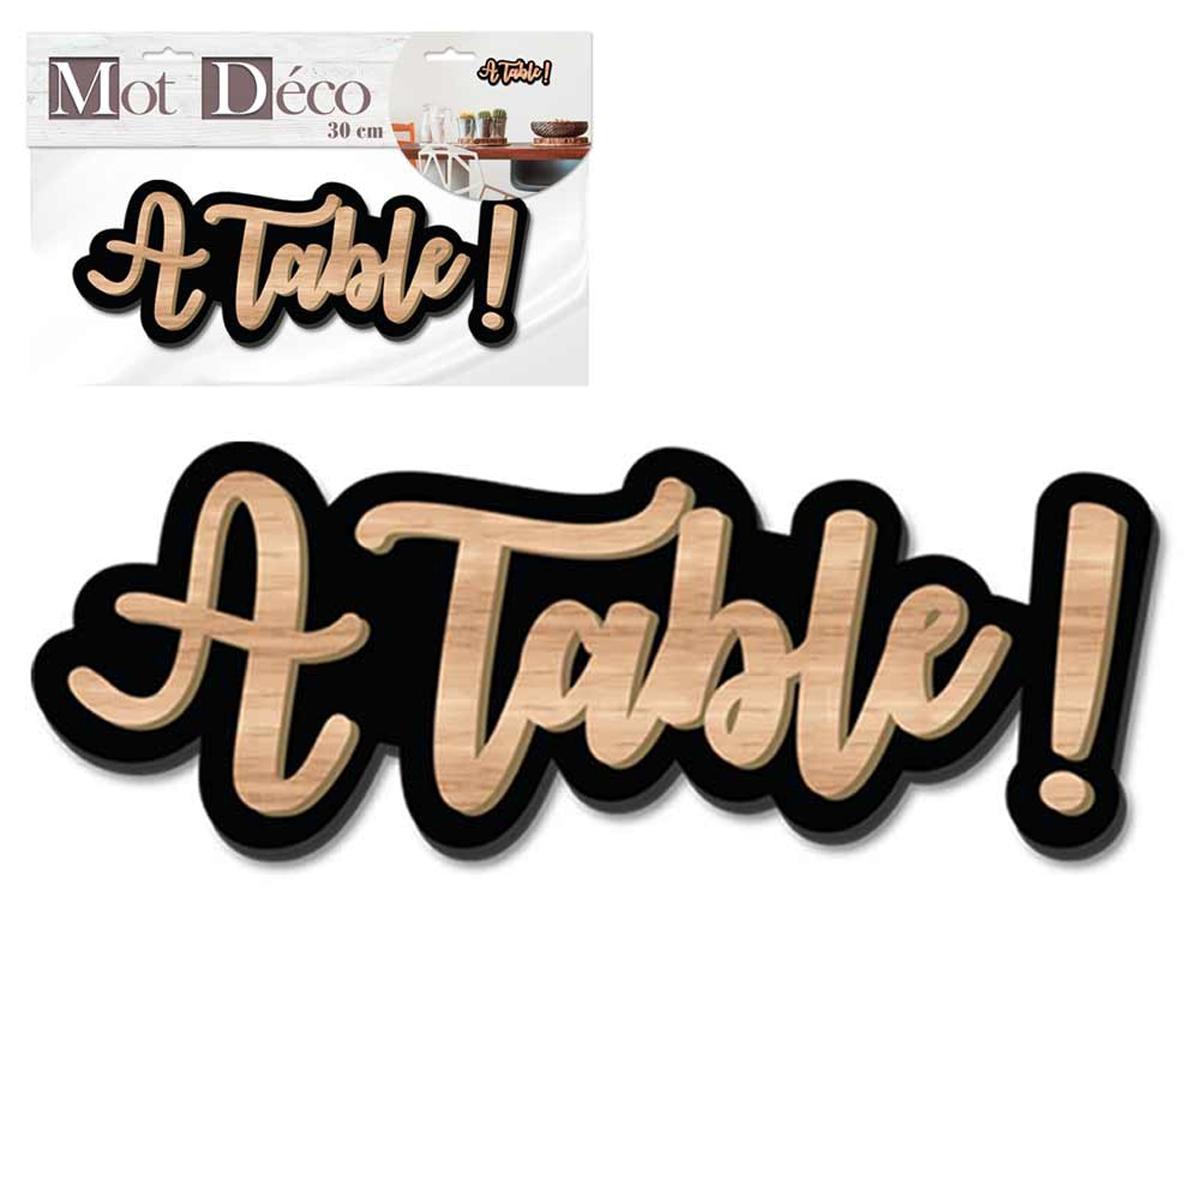 Mot Déco bois 3D \'A table !\' marron noir - 30x11x1 cm - [Q7324]